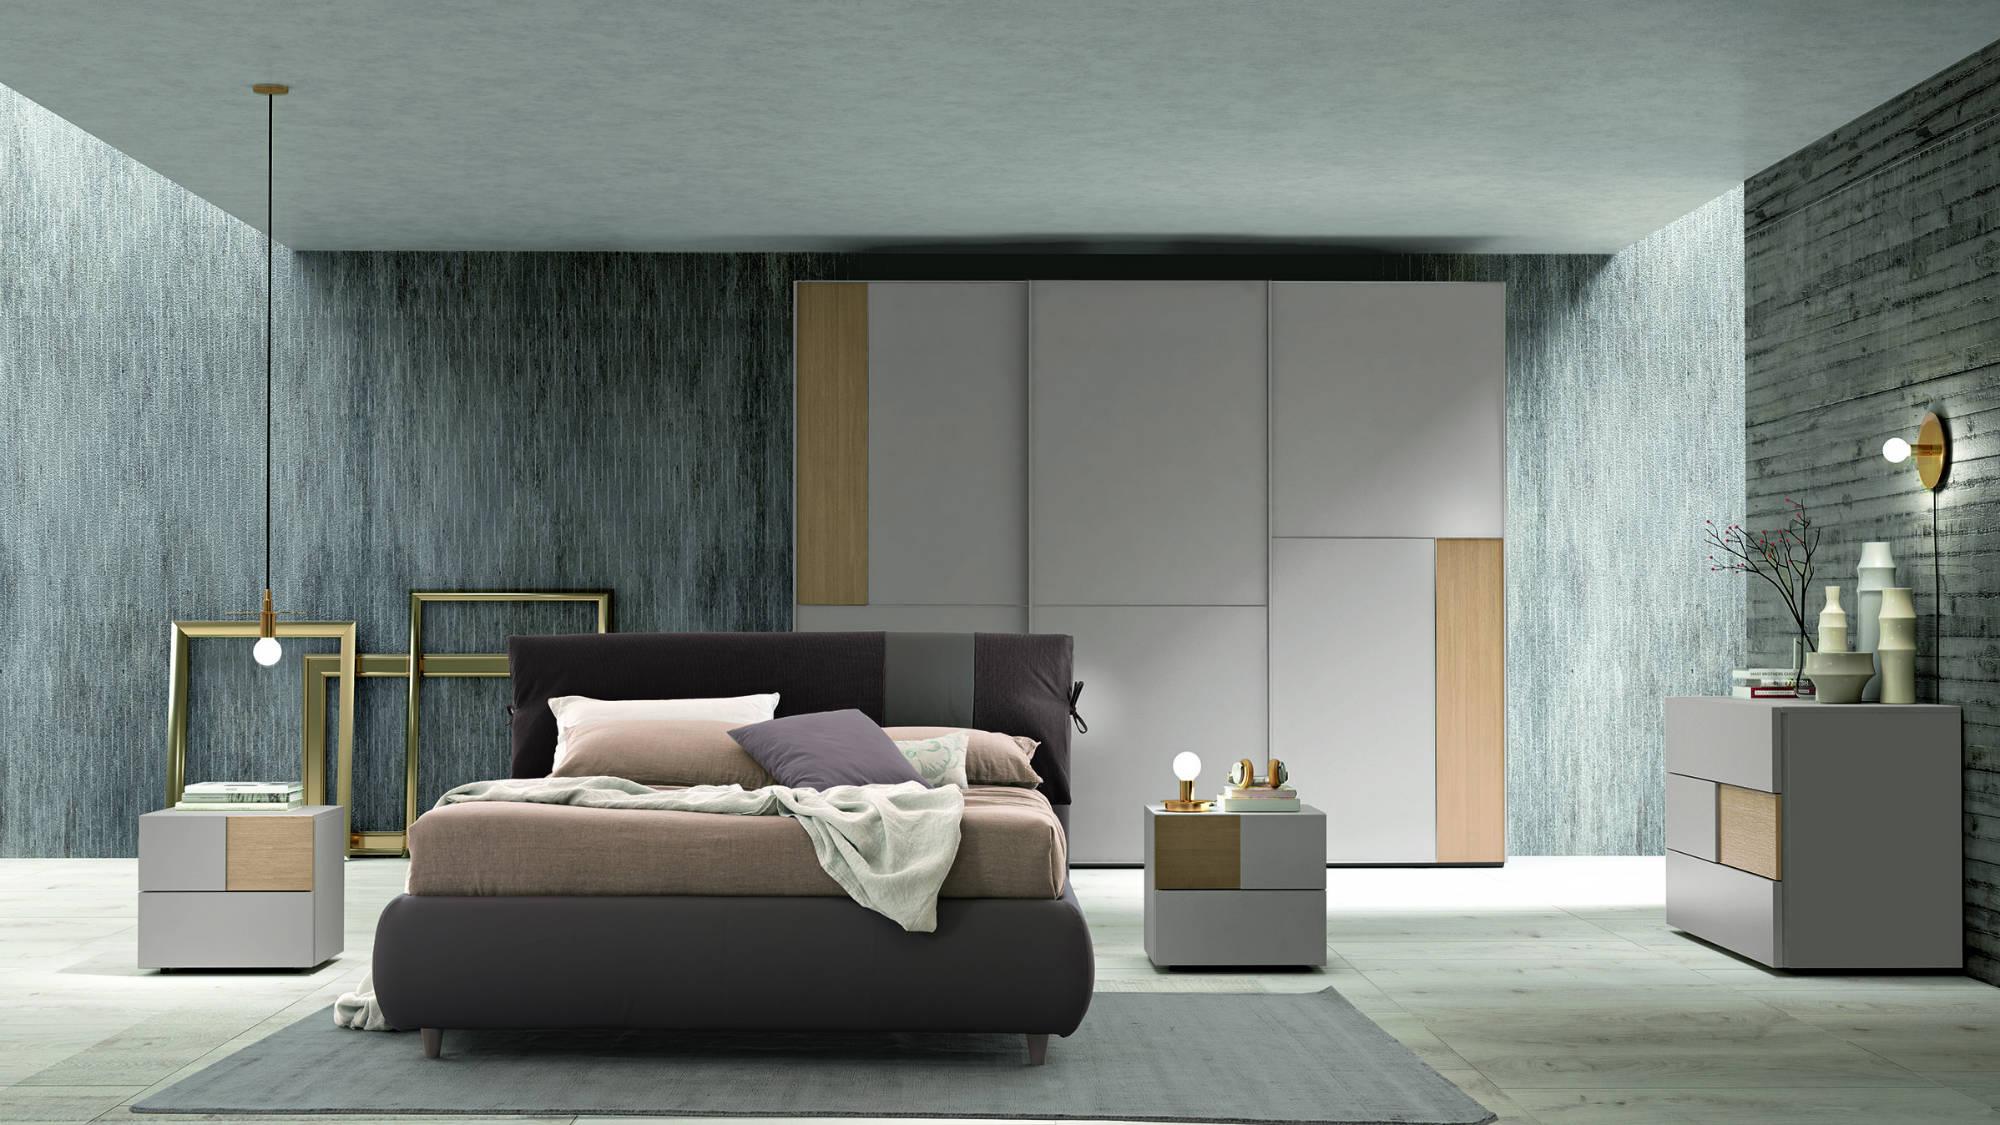 Camera Da Letto Quarrata : Camere da letto quarrata arredamenti michelozzi